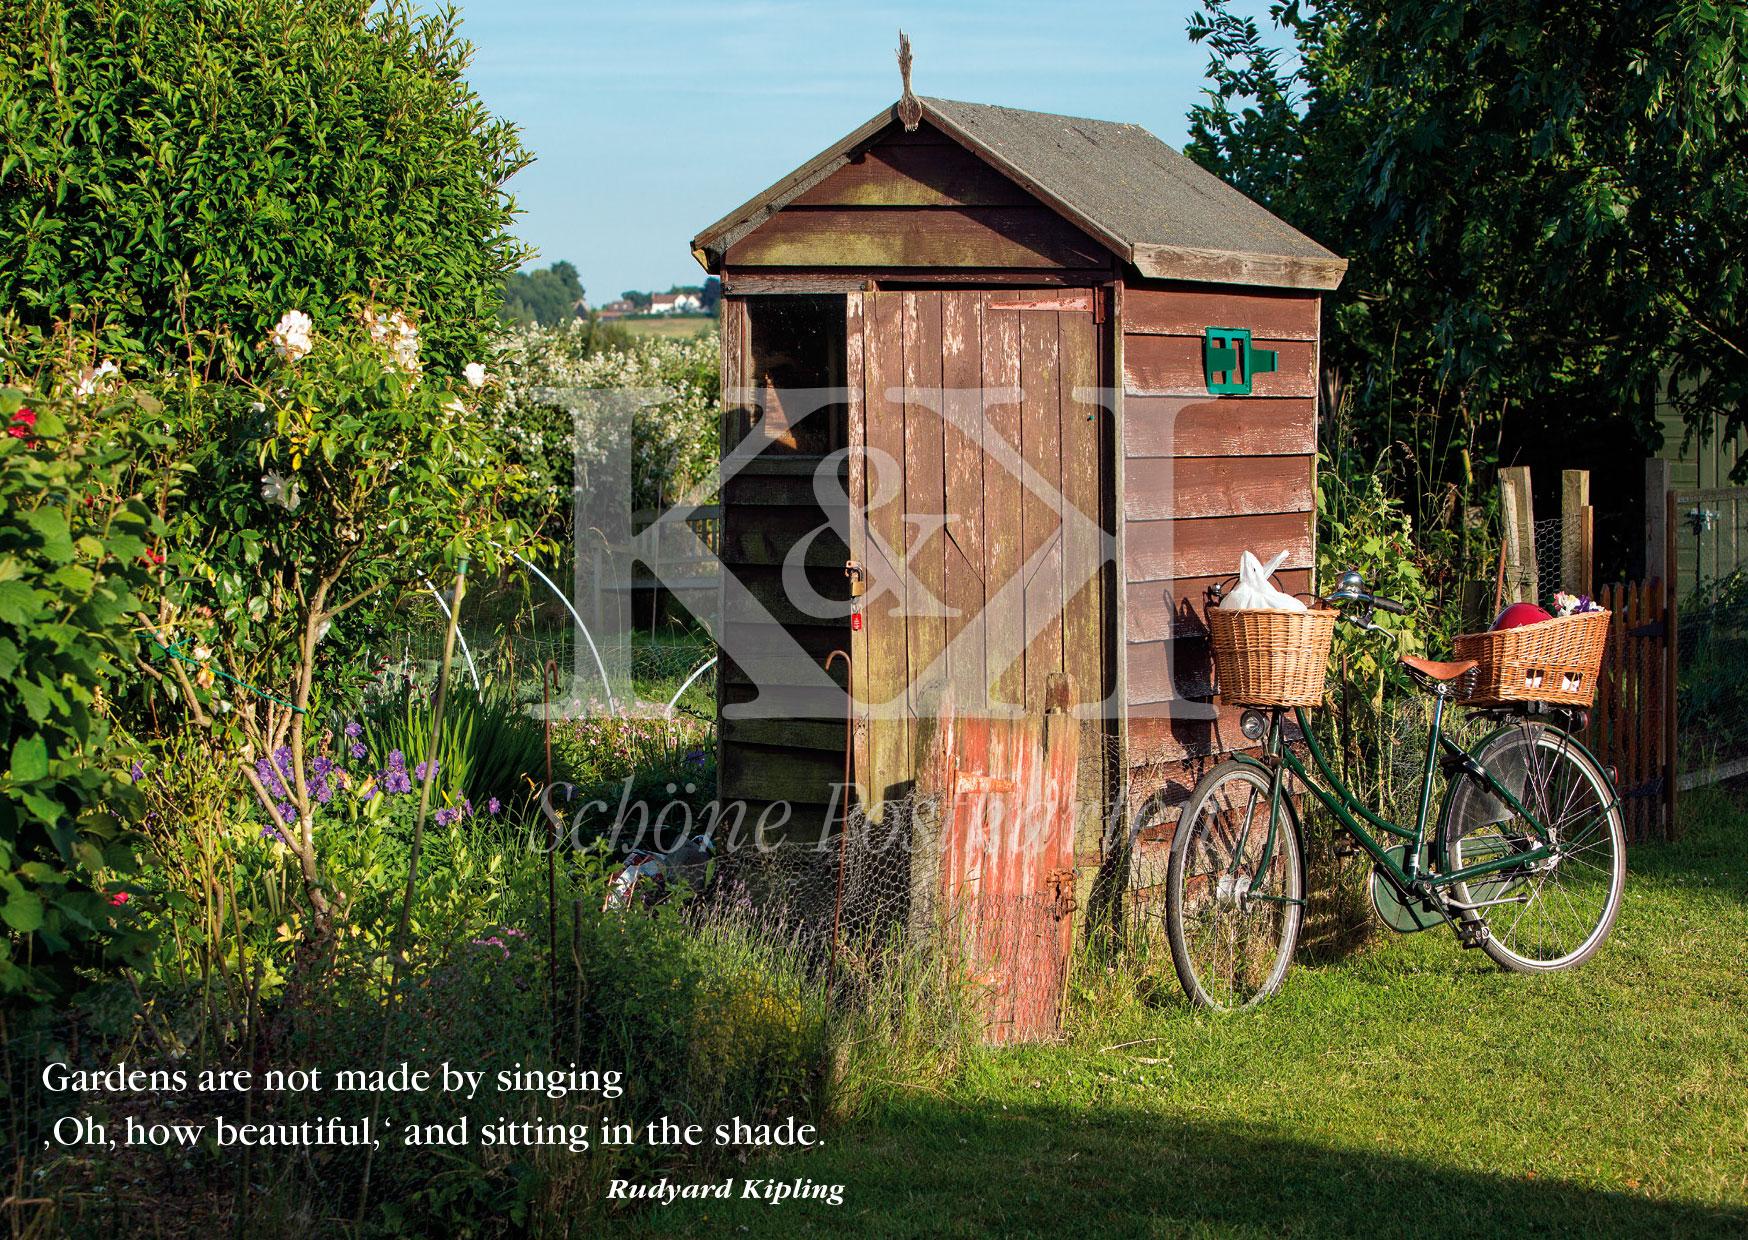 """""""Ein Garten entsteht nicht dadurch, dass man 'Oh, wie schön' singt und im Schatten sitzt."""" Rudyard Kipling (Schöne Postkarte Nr. 240)"""